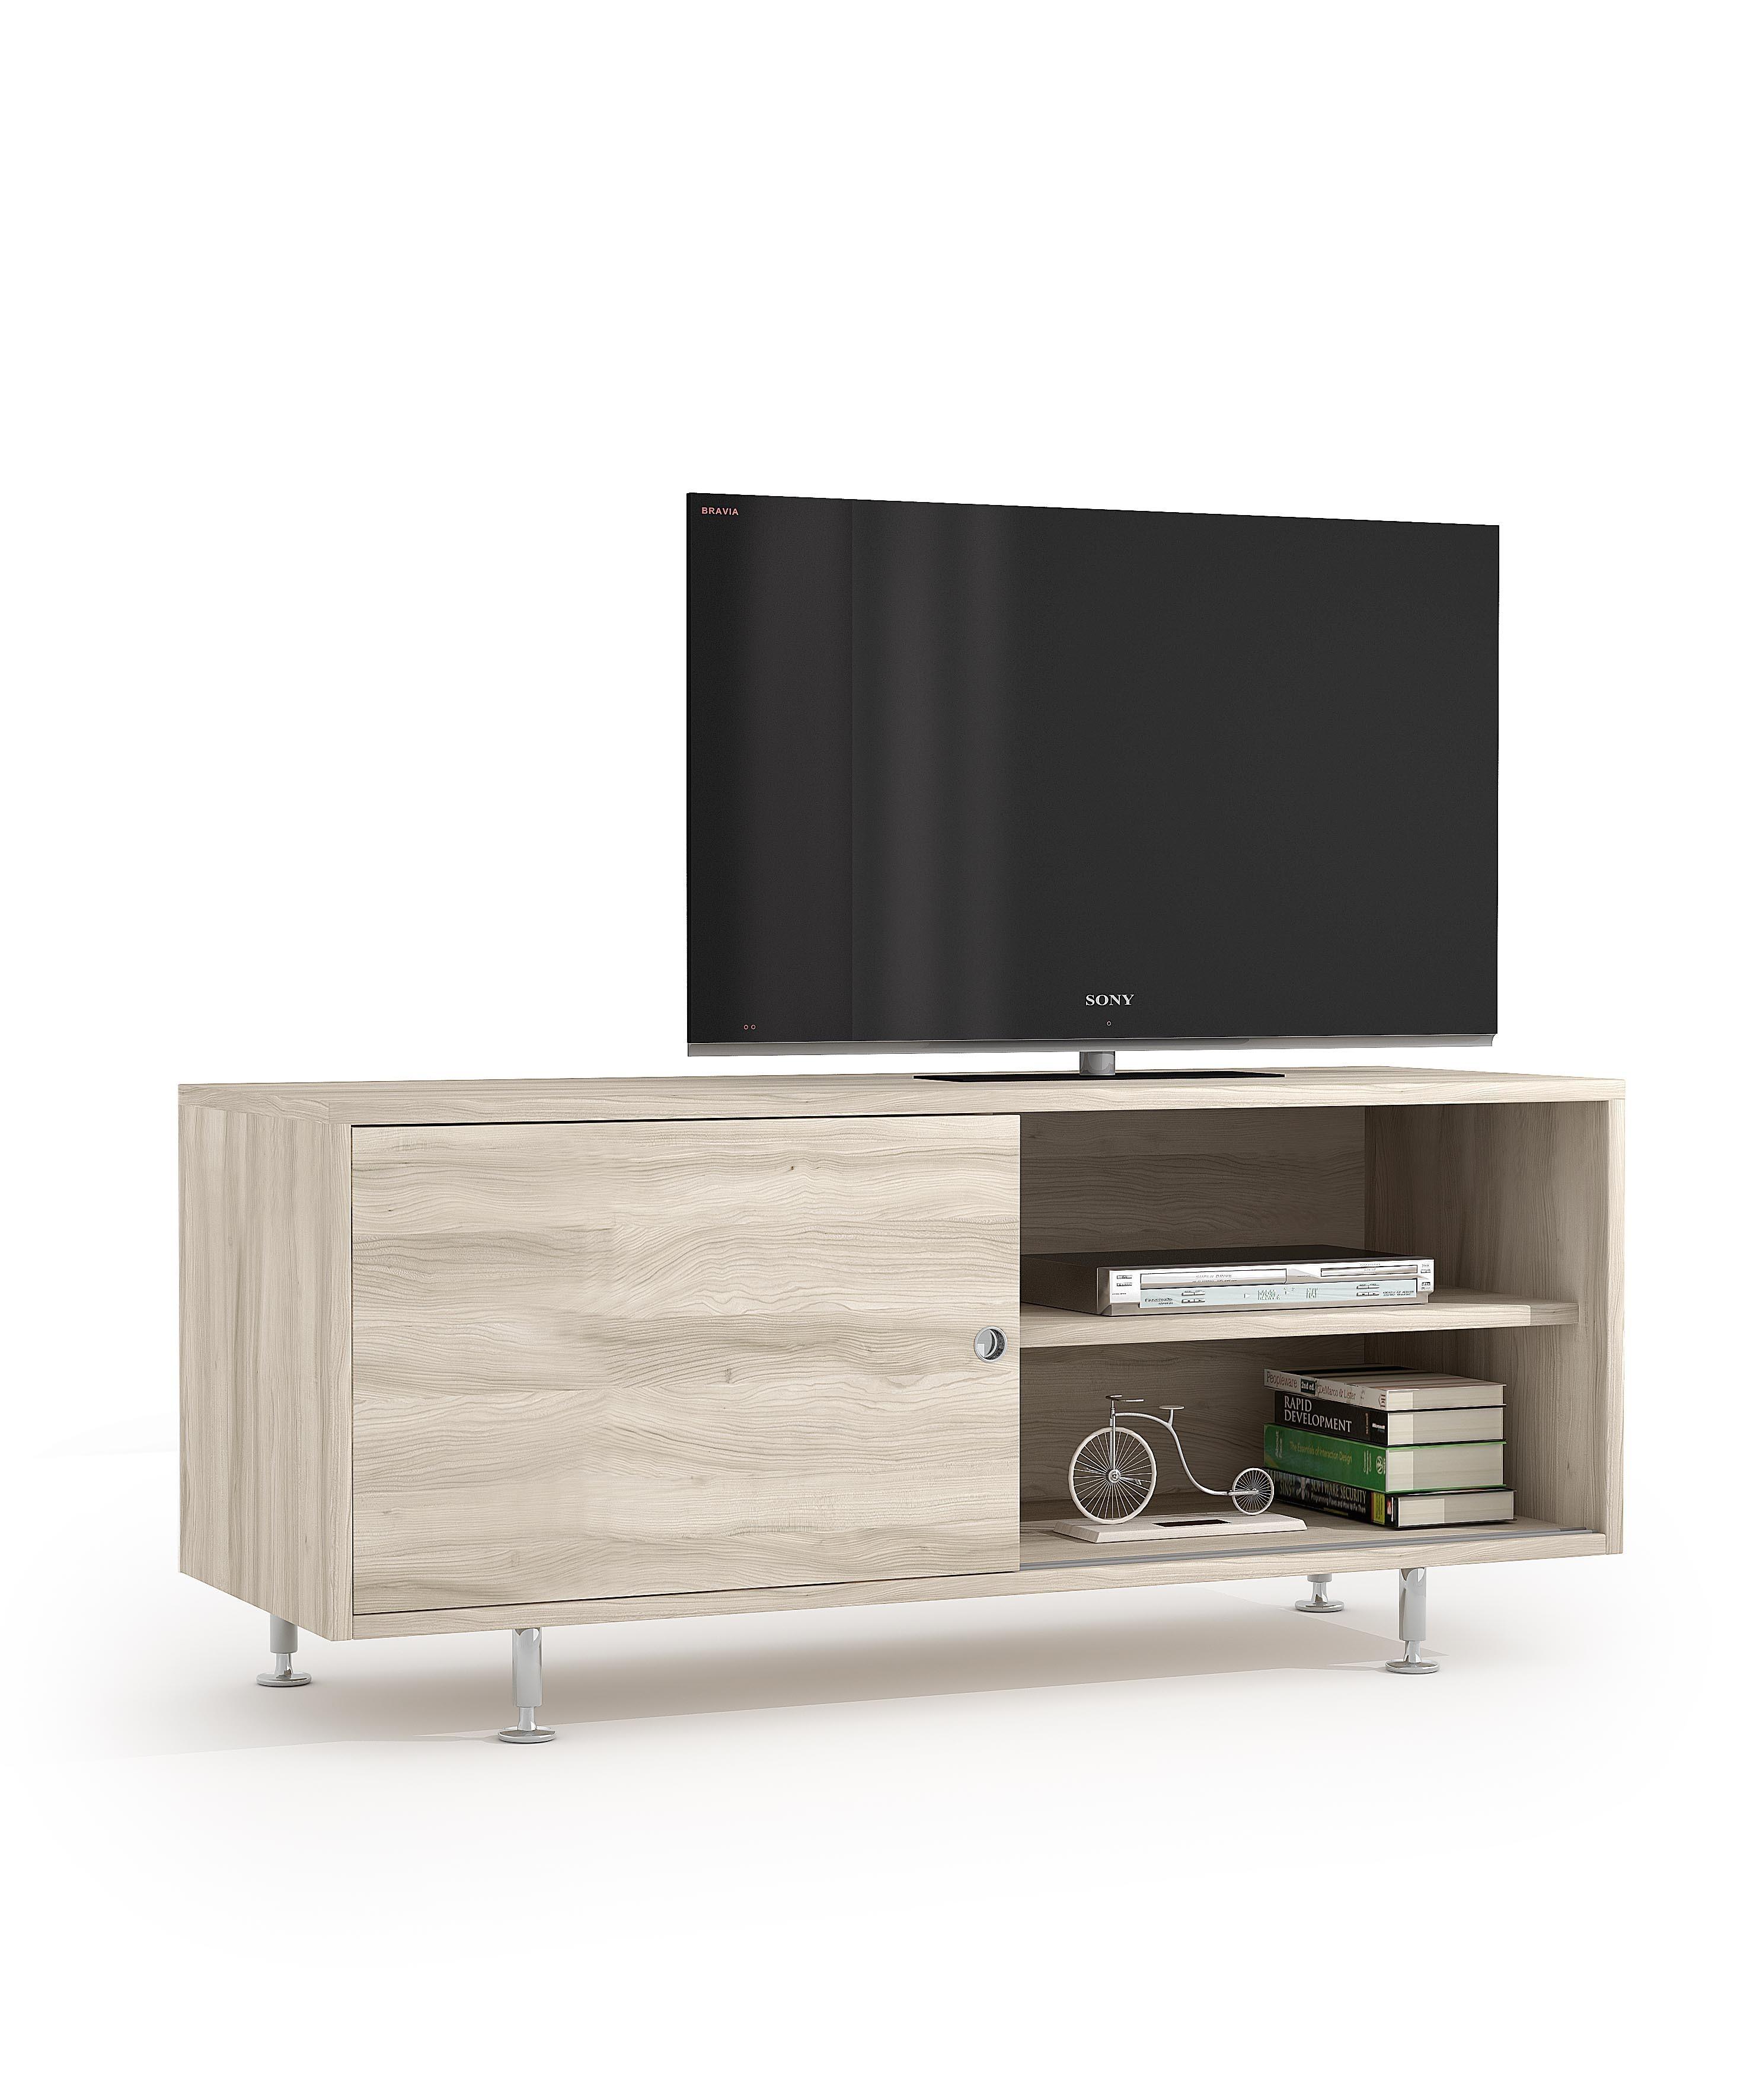 Mobile Tv Casse Integrate Caixa Miniforms : Parete in lavagna